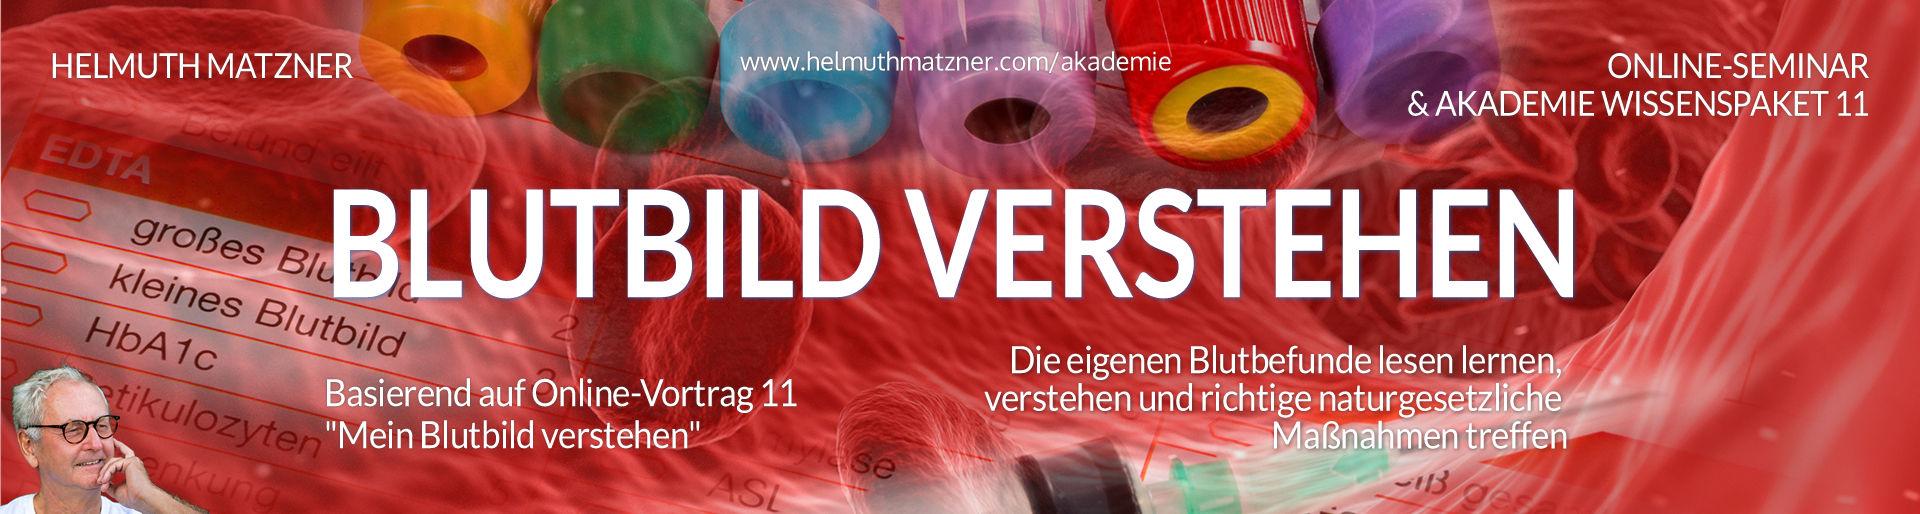 Helmuth Matzner - Masterclass & Akademie Wissenspaket 11 - Blutbild Verstehen v01B